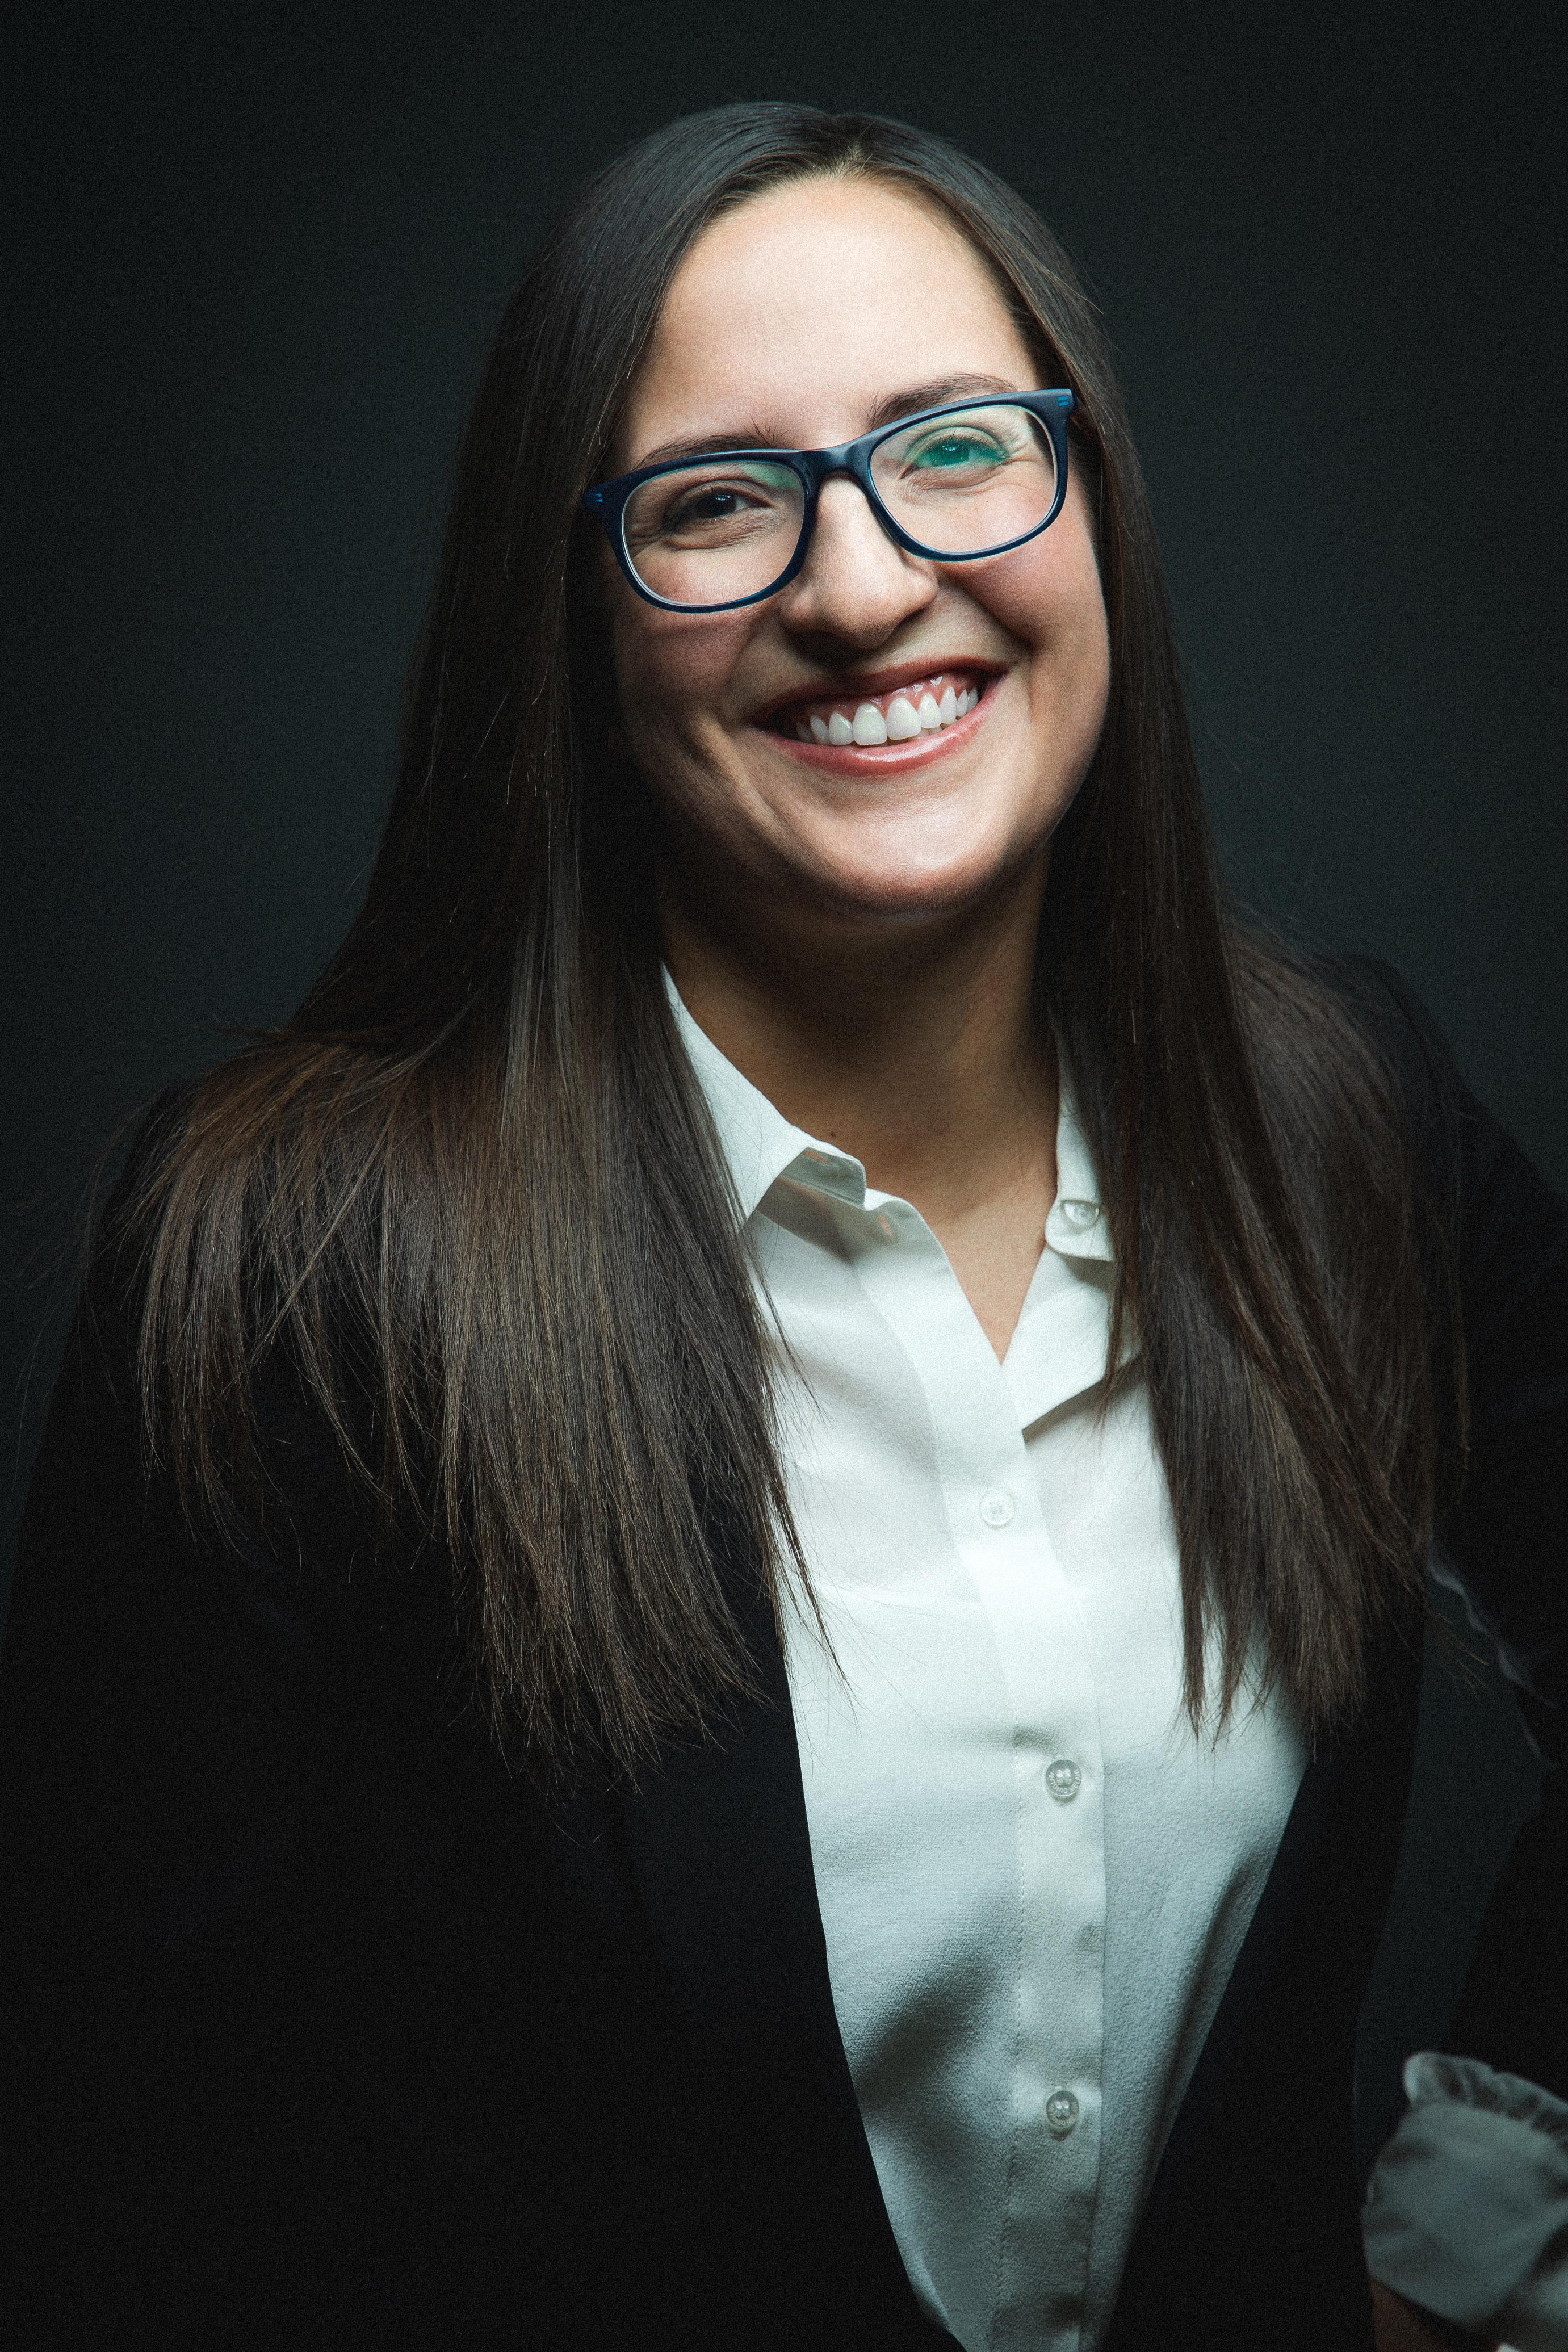 Alexis Lopez | 2019 HR Achievement Awards Honorees